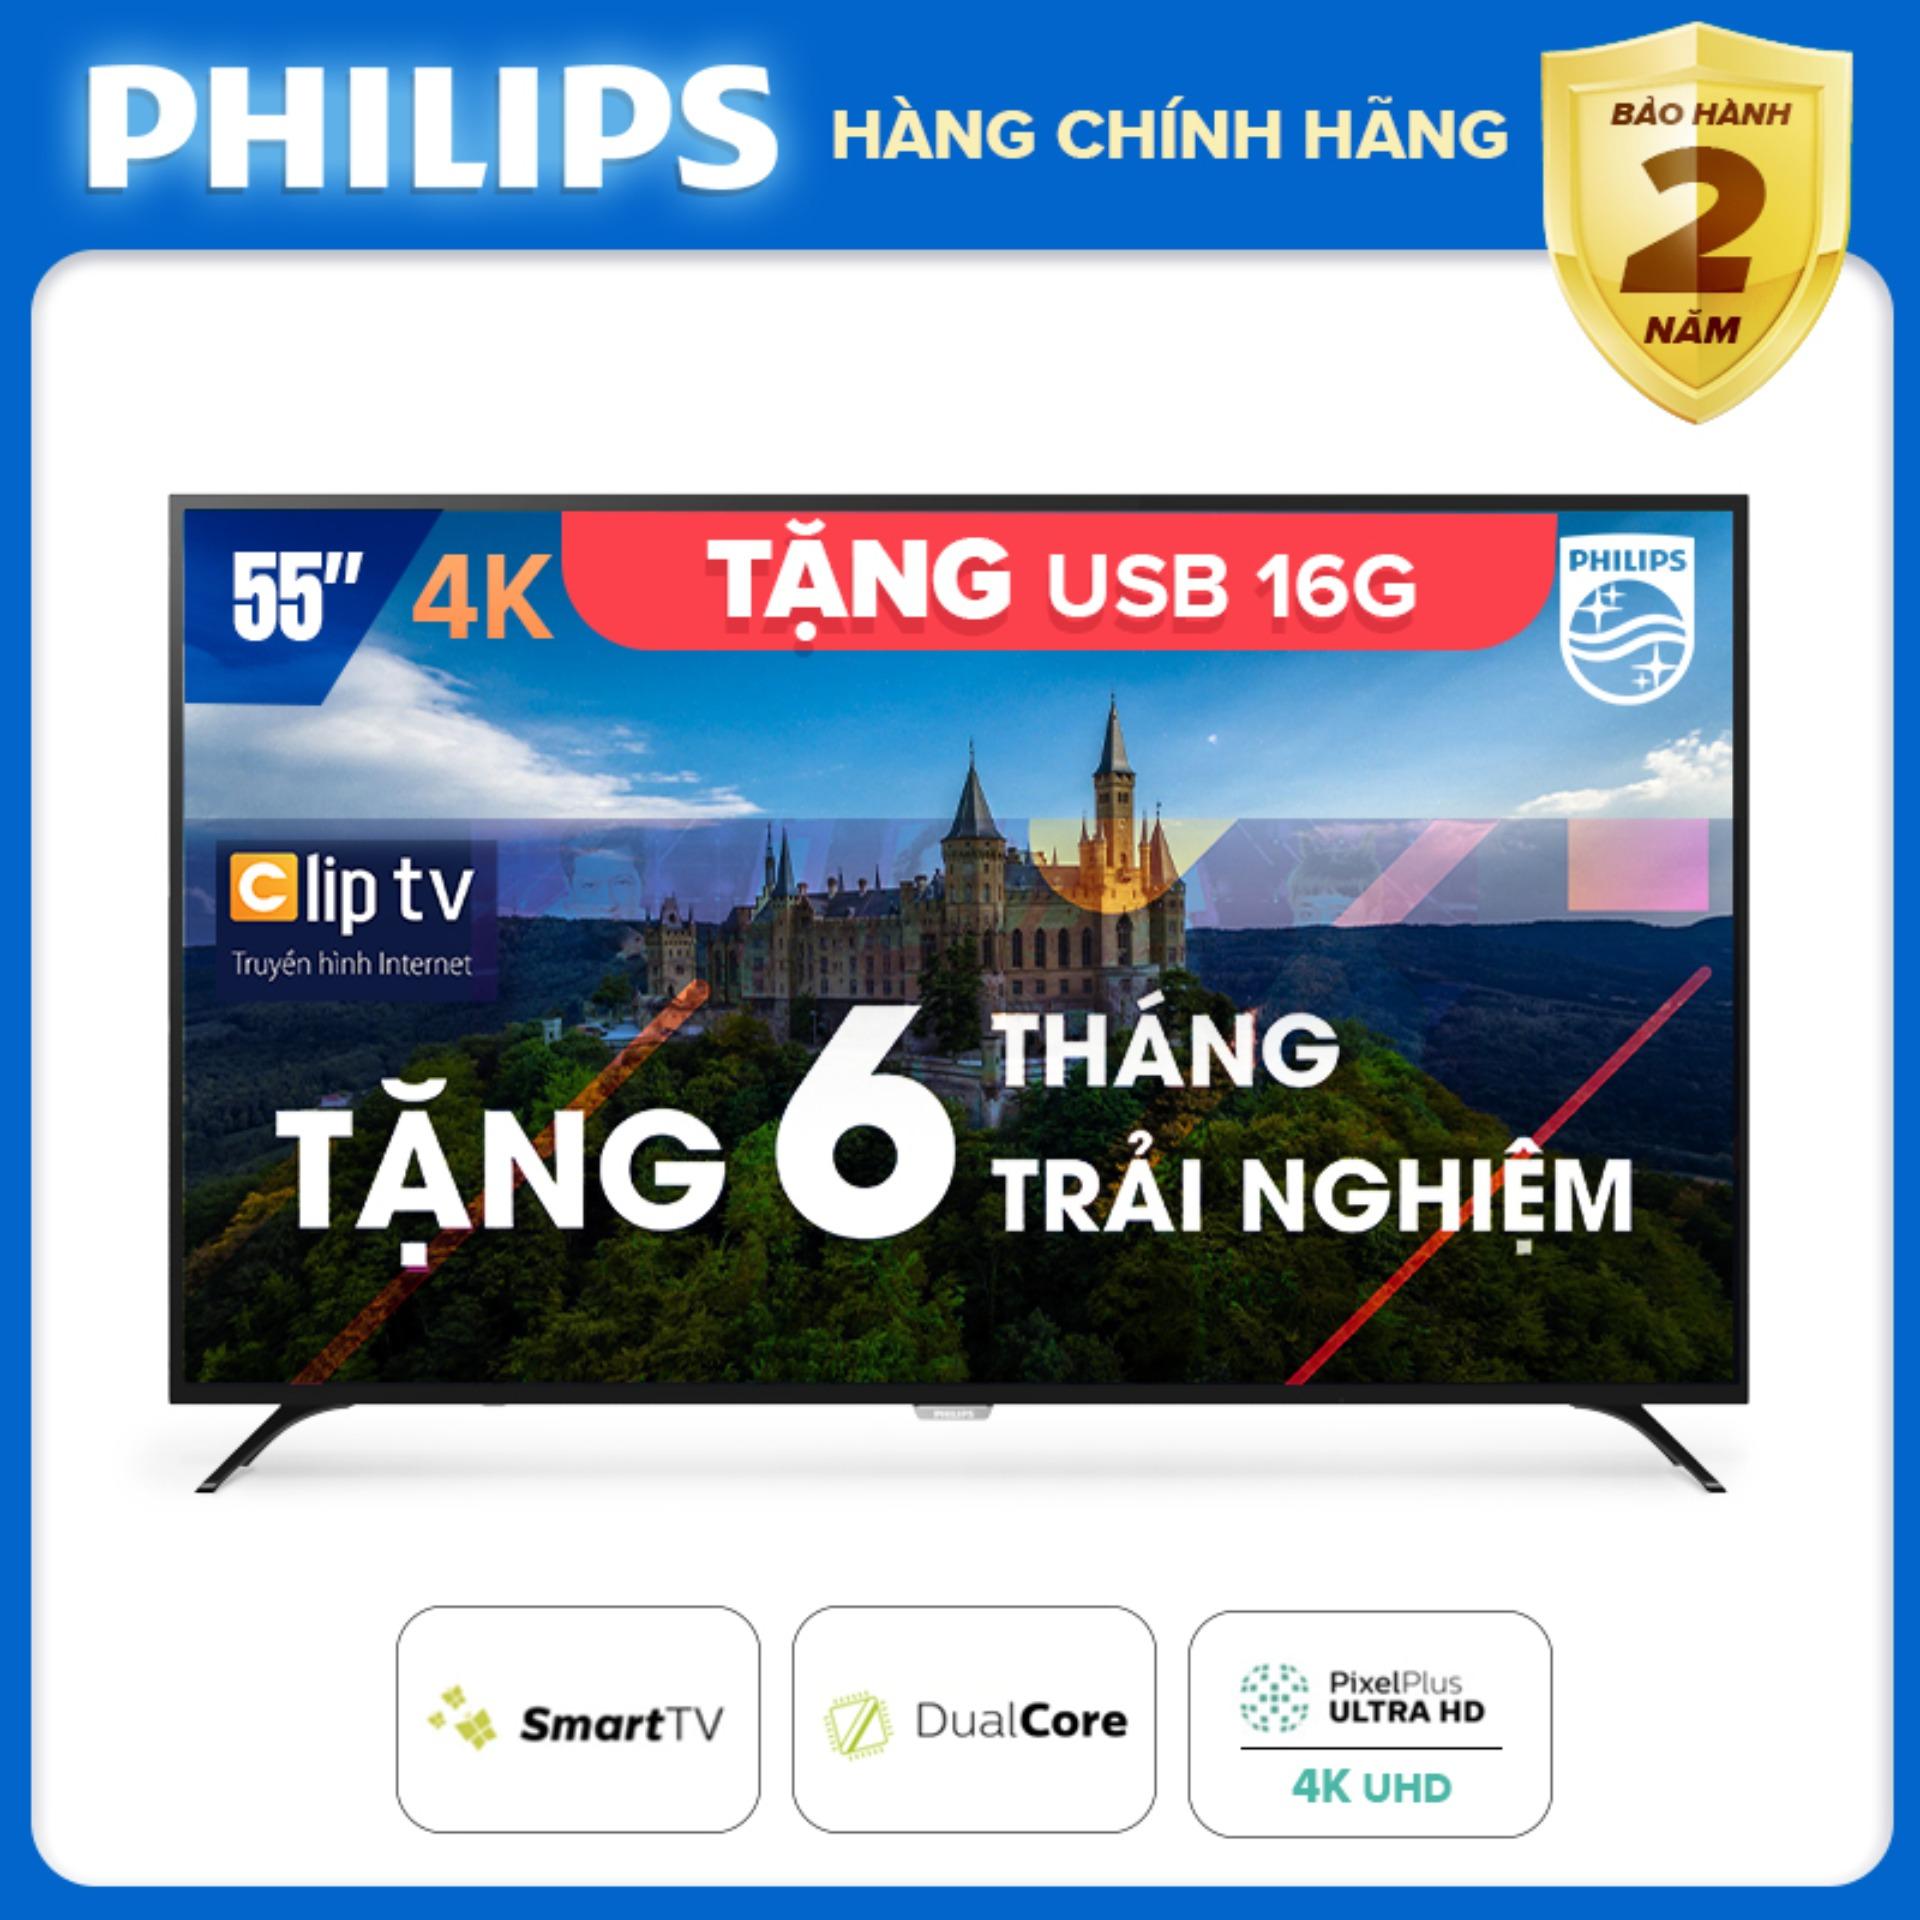 Bảng giá SMART TIVI PHILIPS 4K UHD 55 INCH KẾT NỐI INTERNET WIFI Ram 1G, Rom 4G - hàng Thái Lan - Free 6 tháng xem phim Clip TV - Tặng USB 16G - Bảo hành 2 năm tại nhà - 55PUT6023S/74 [sản phẩm mới] [Đặt hàng trước]